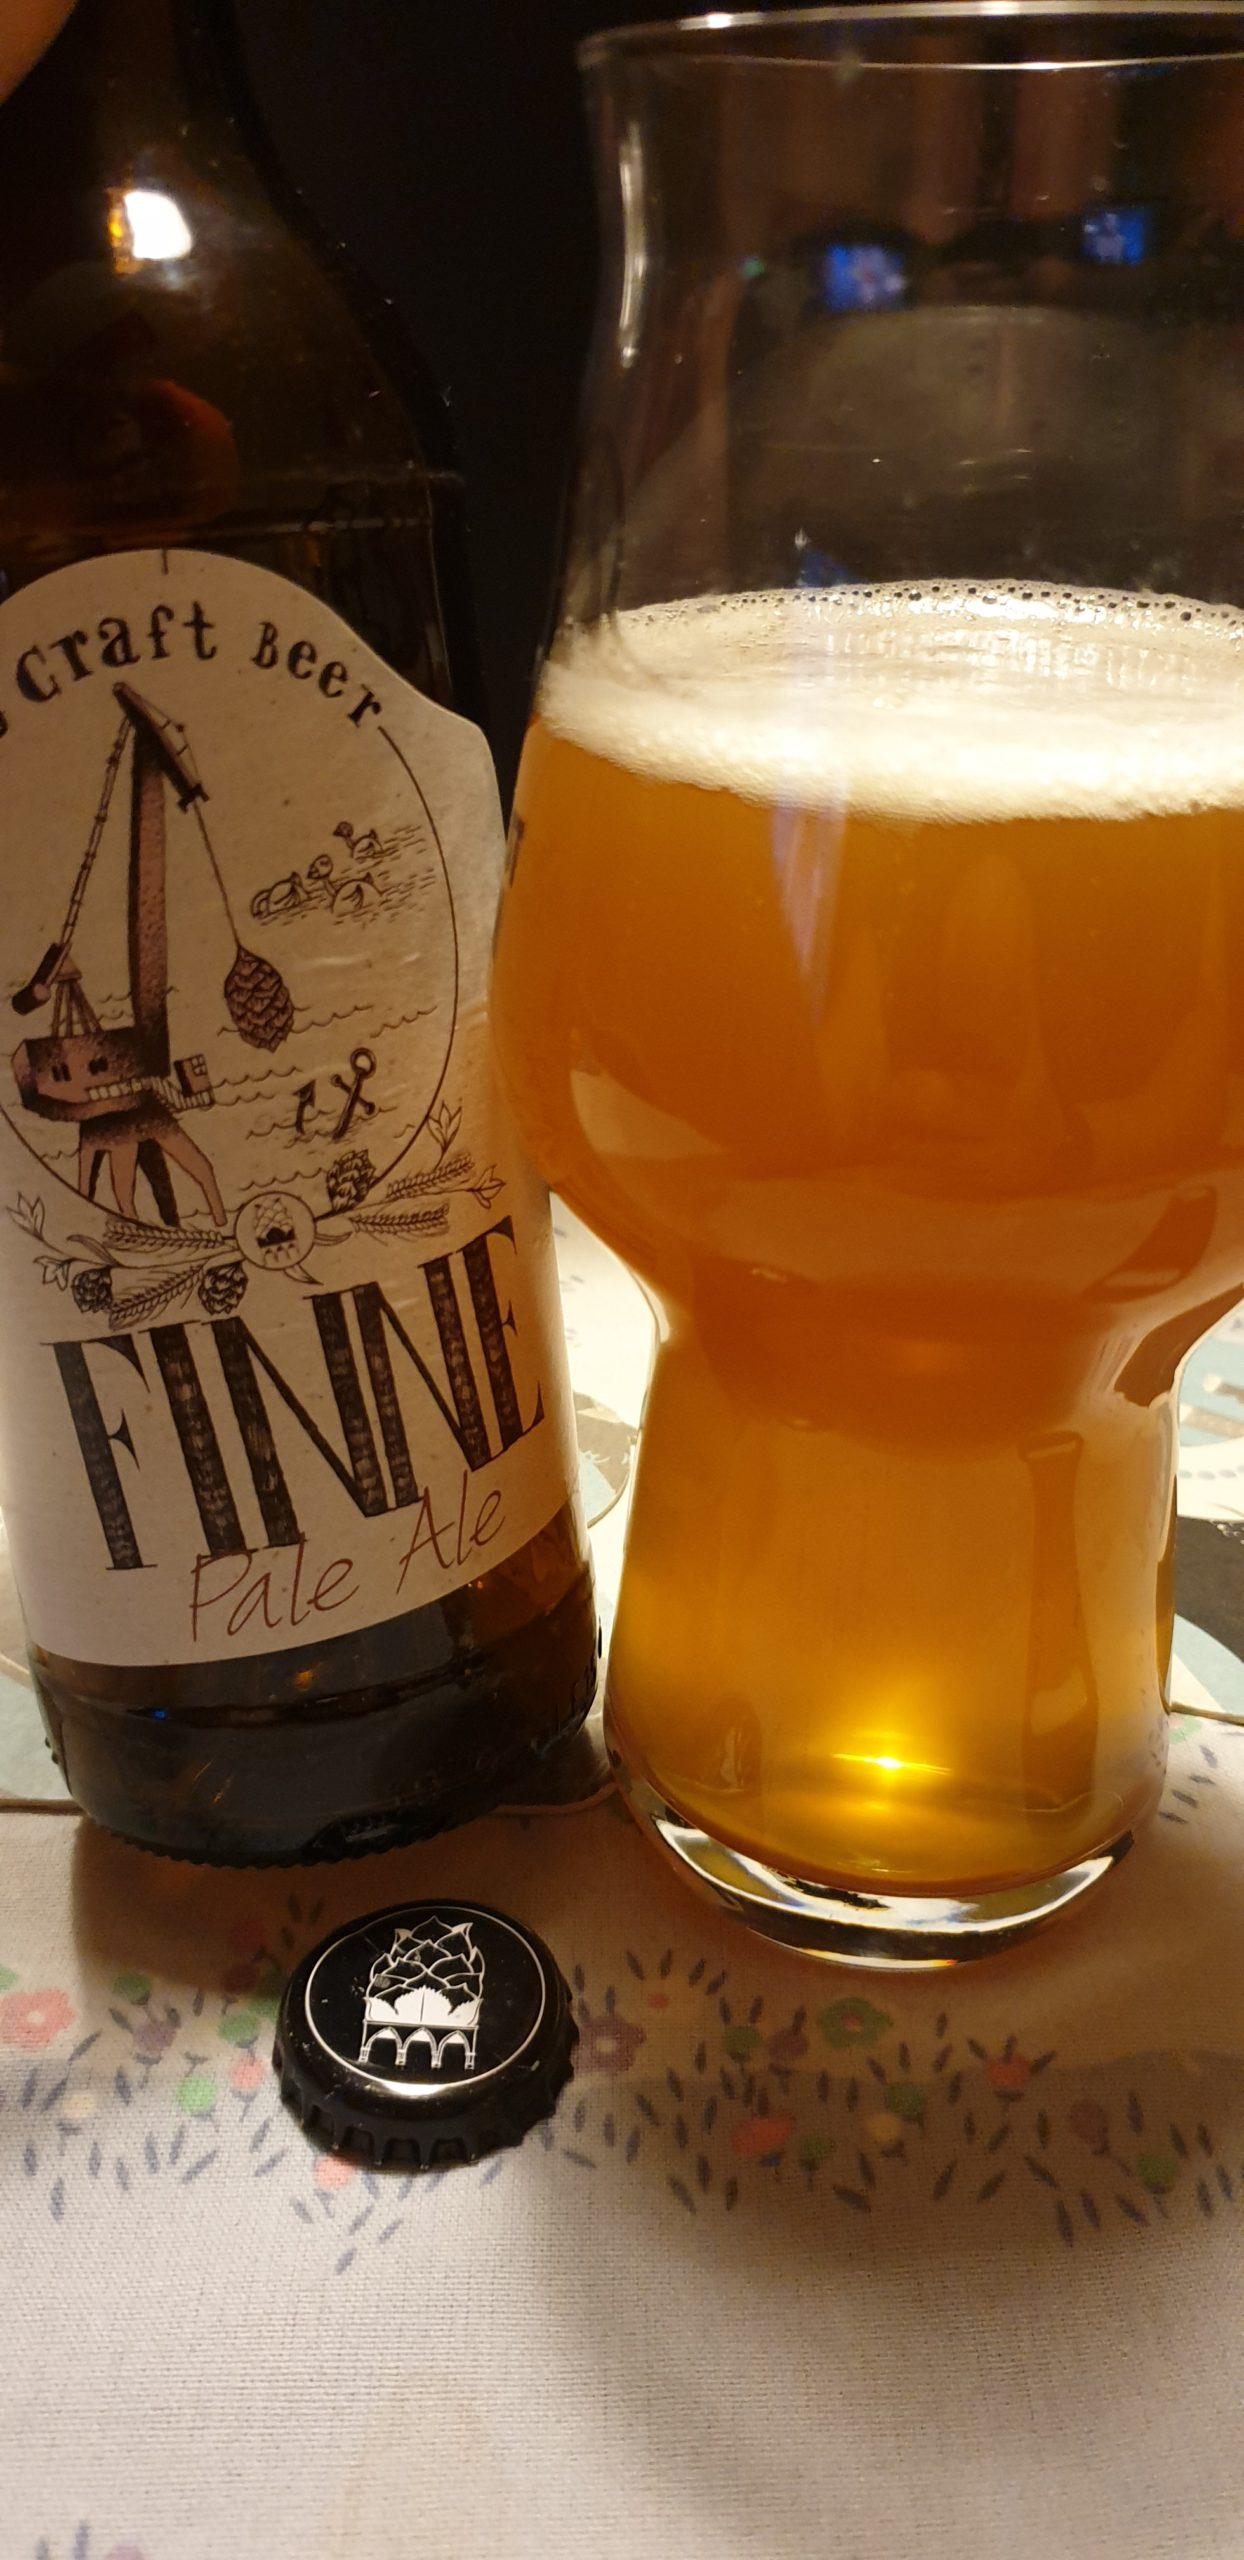 Finne – Pale Ale